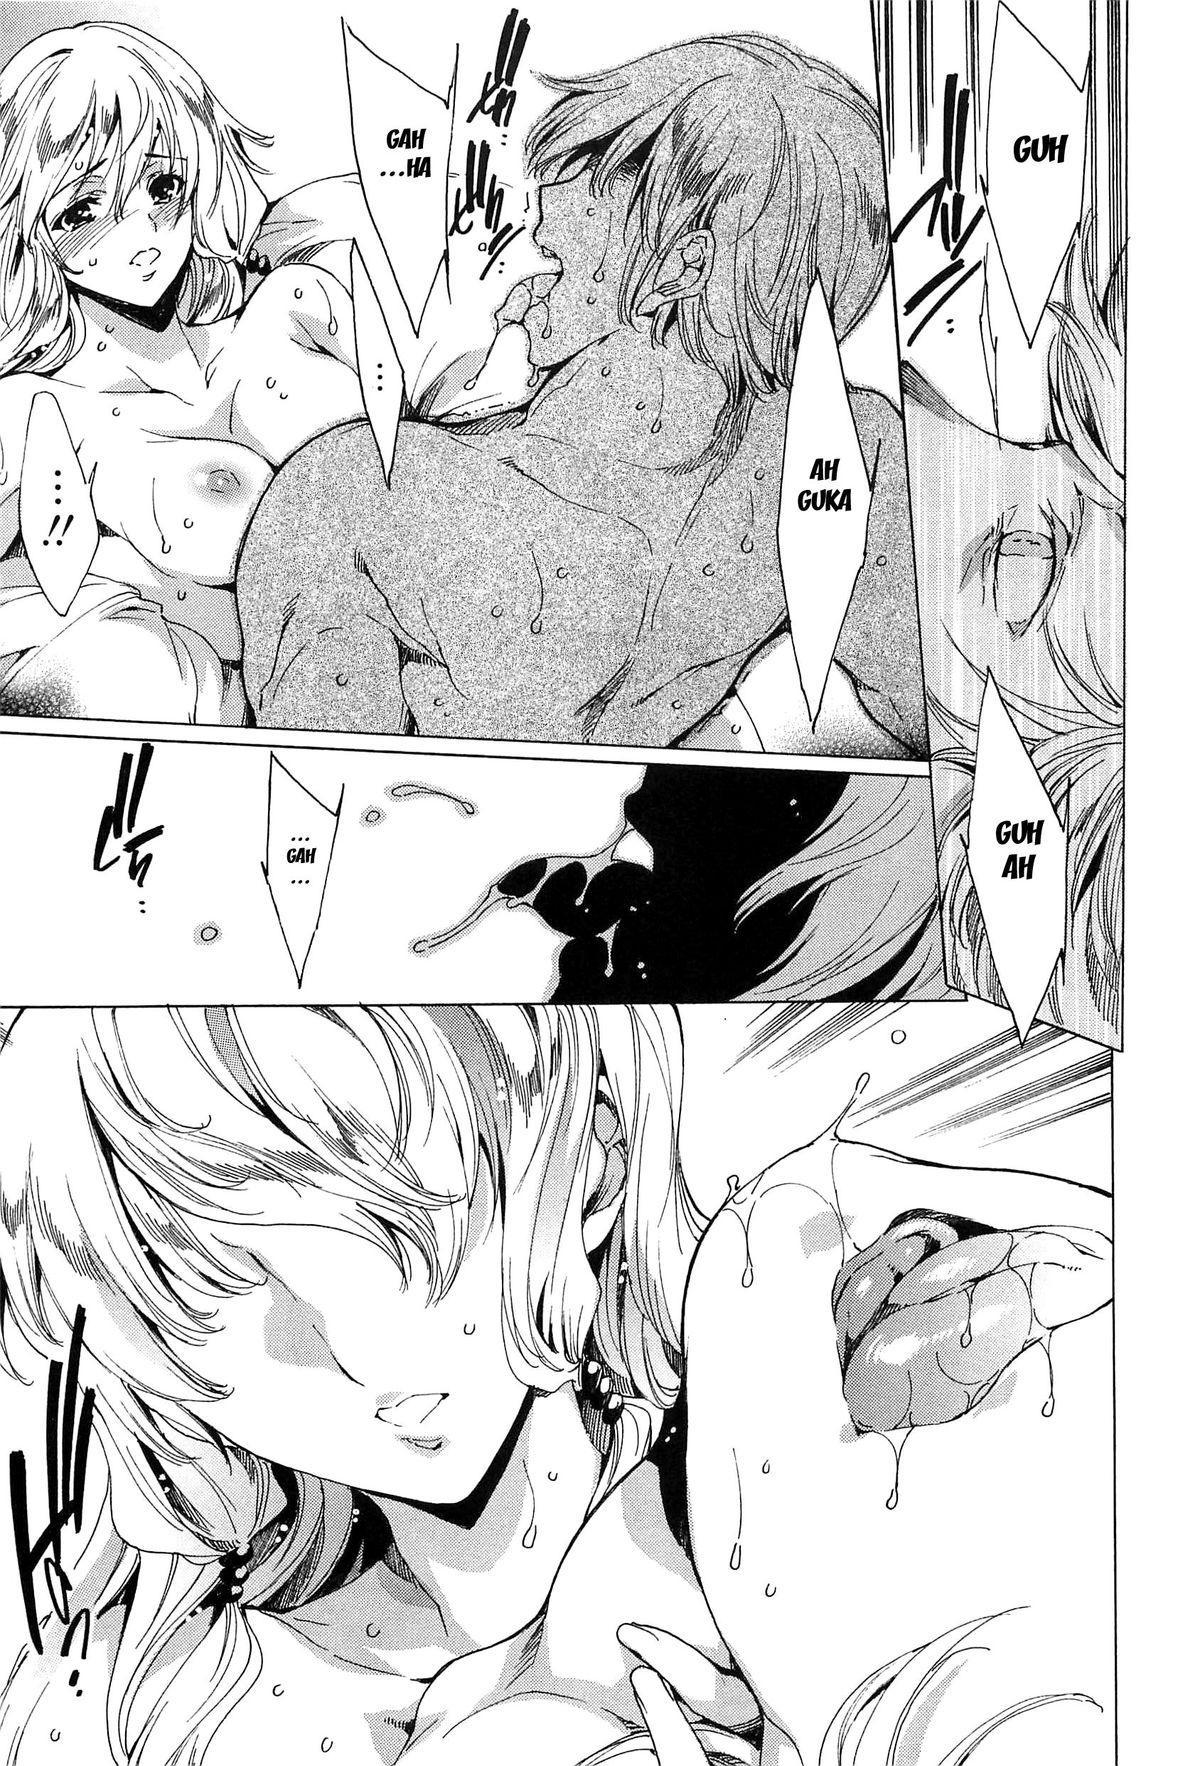 [Yuiga Naoha] Nikuyoku Rensa - NTR Kanojo   Chains of Lust - NTR Girlfriend [English] {doujin-moe.us} 108